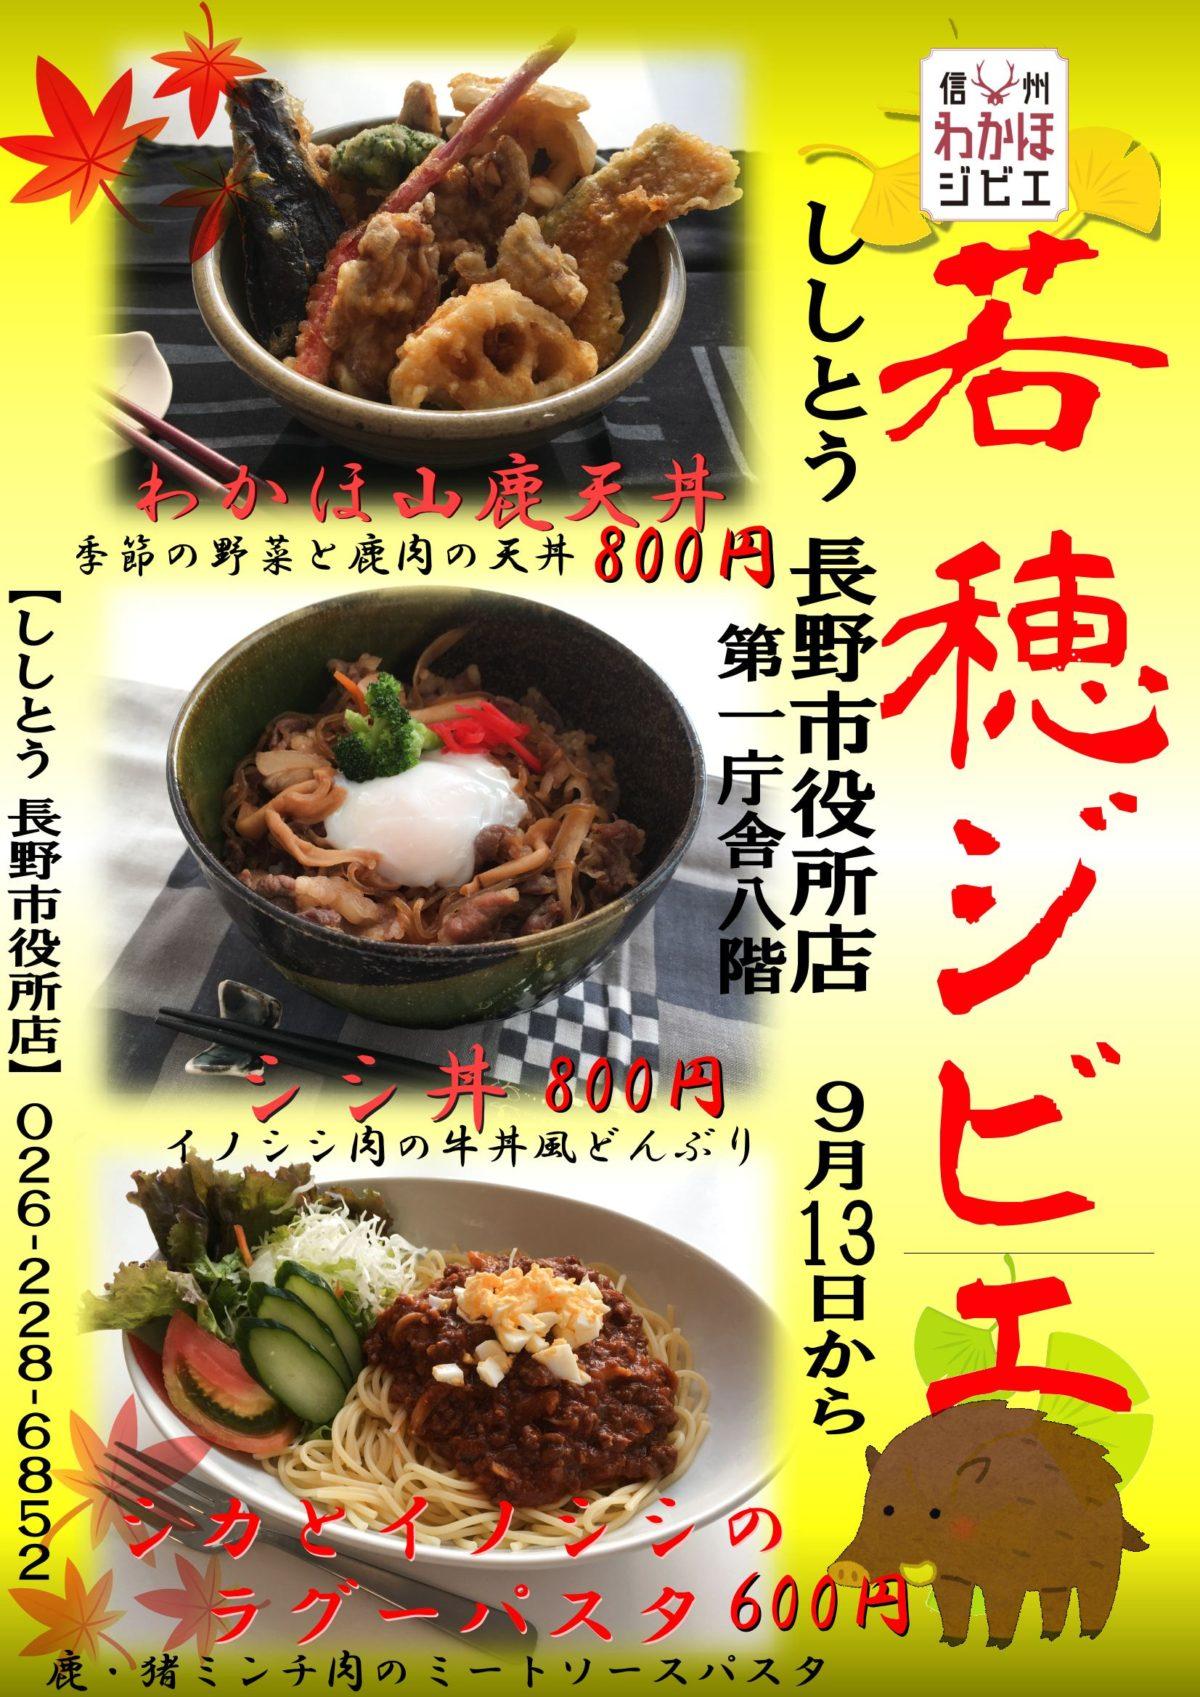 長野市役所食堂ししとうジビエメニュー開催中